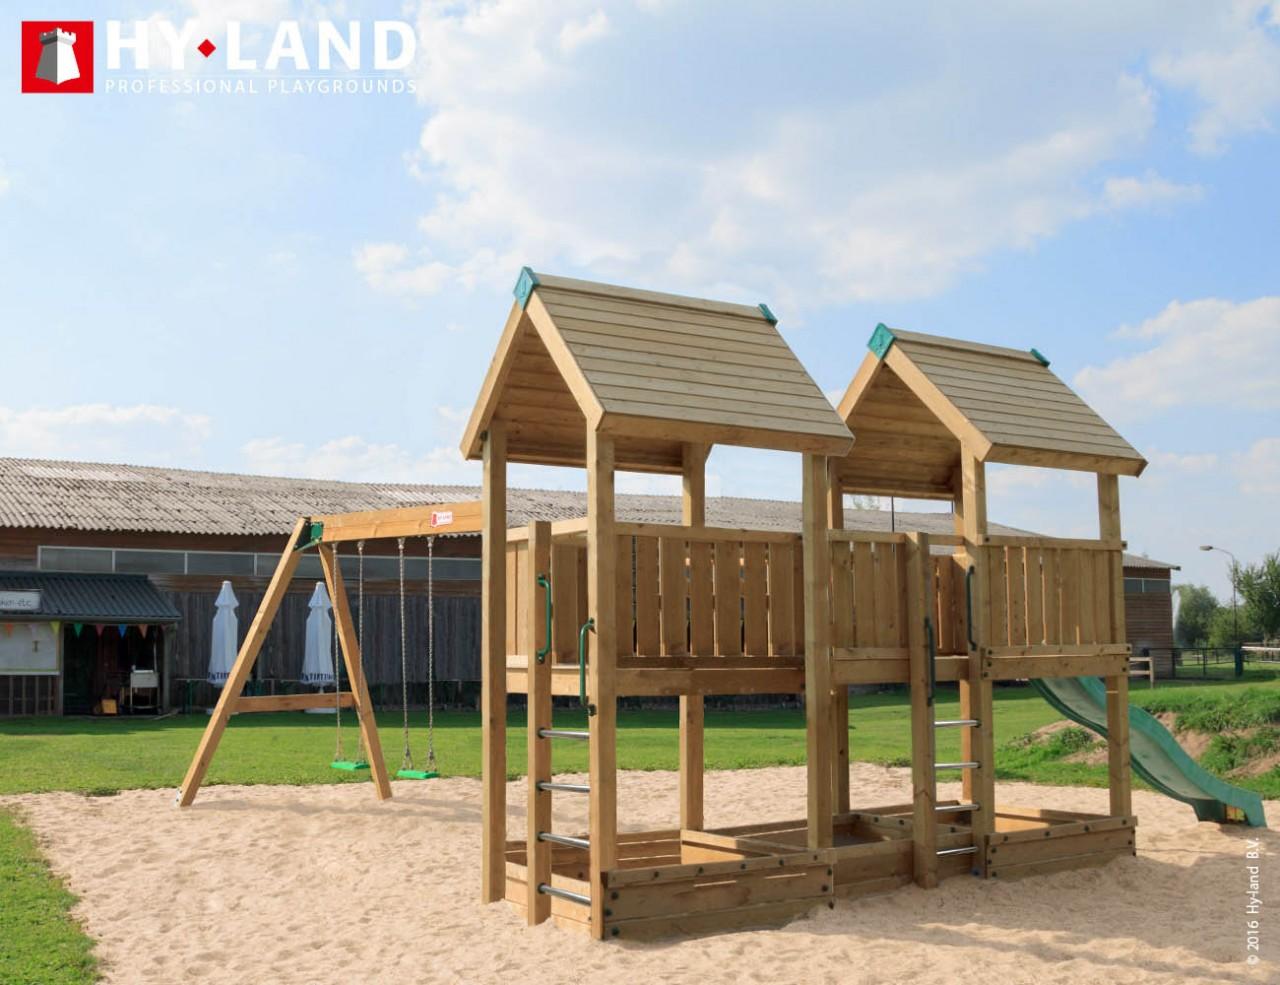 Spielturm Hy-Land P4-S